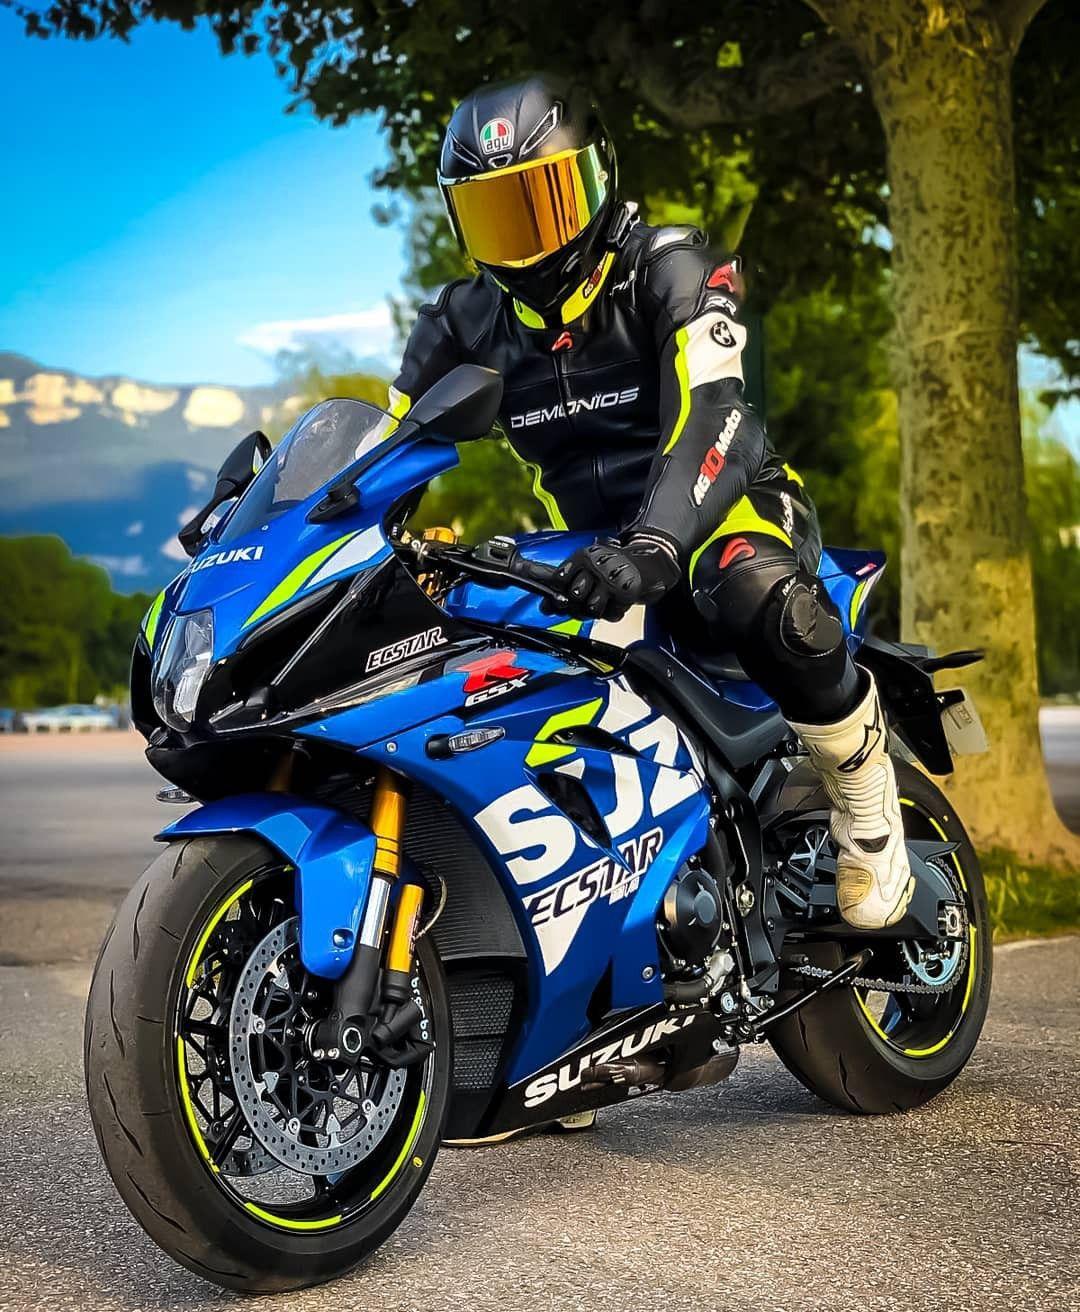 Gxsr1000 Motorrad Motorrad Fahren Ducati